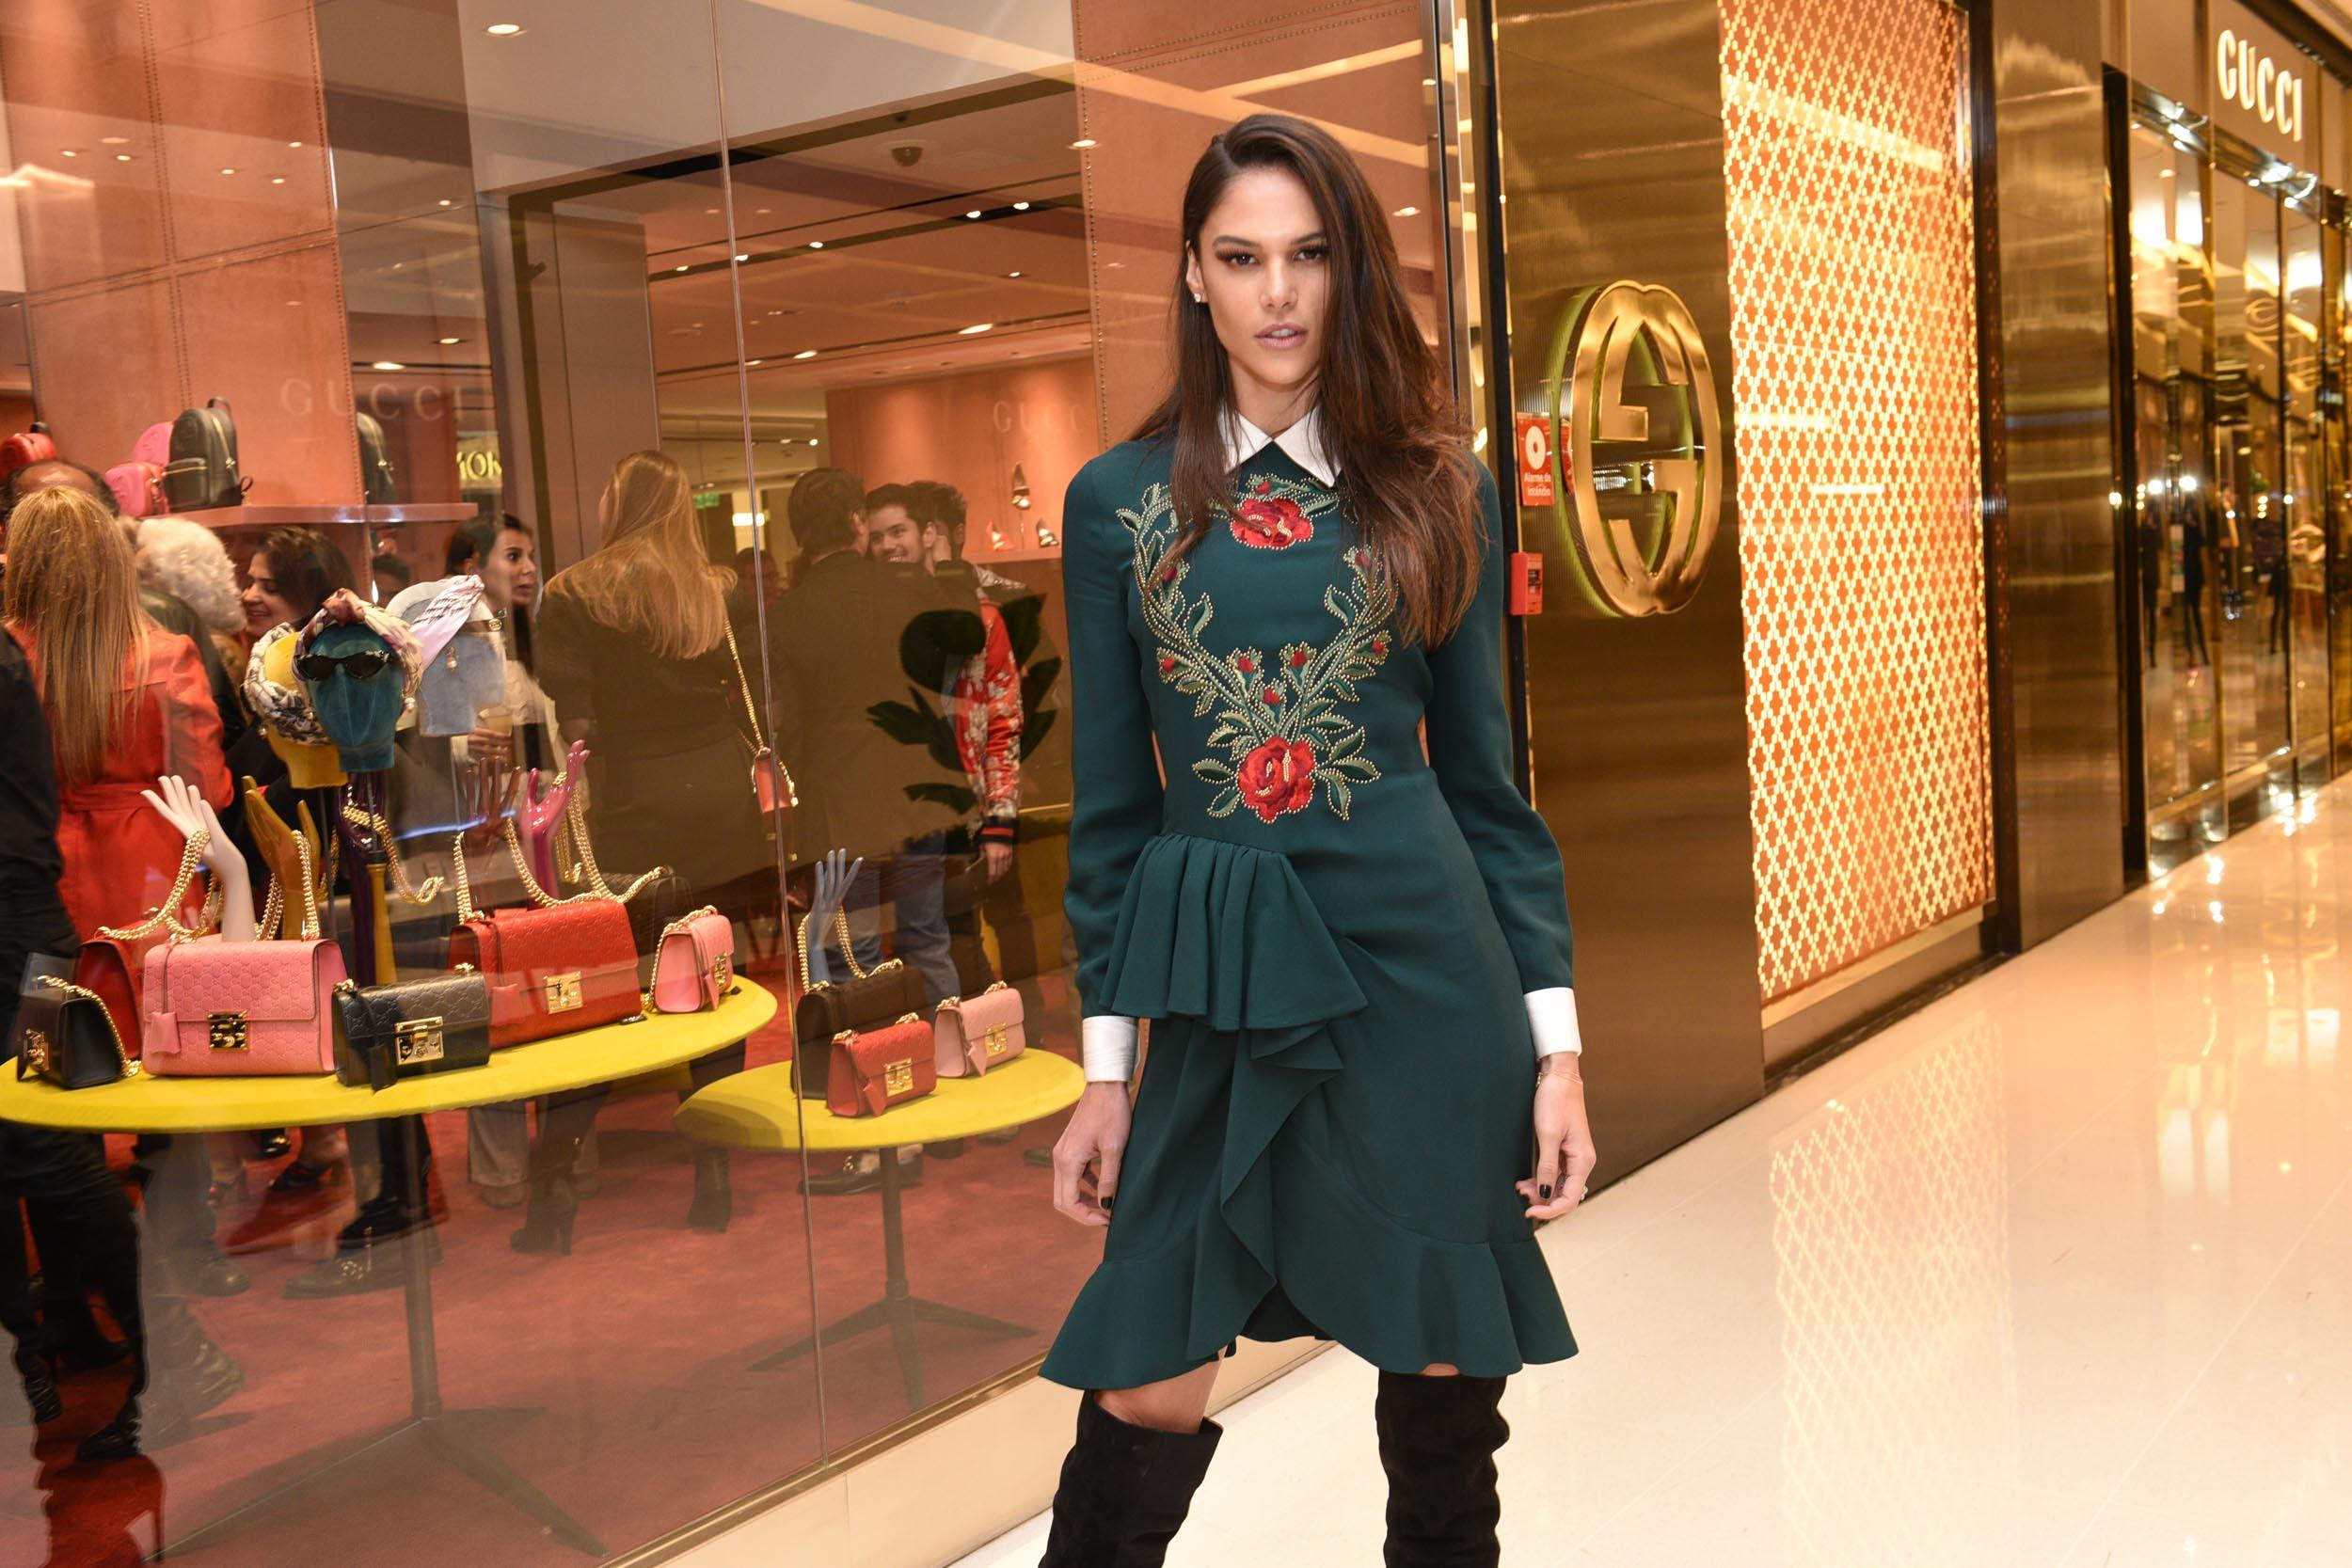 f7430aac3ac Gucci inaugura loja no JK Iguatemi - Vogue